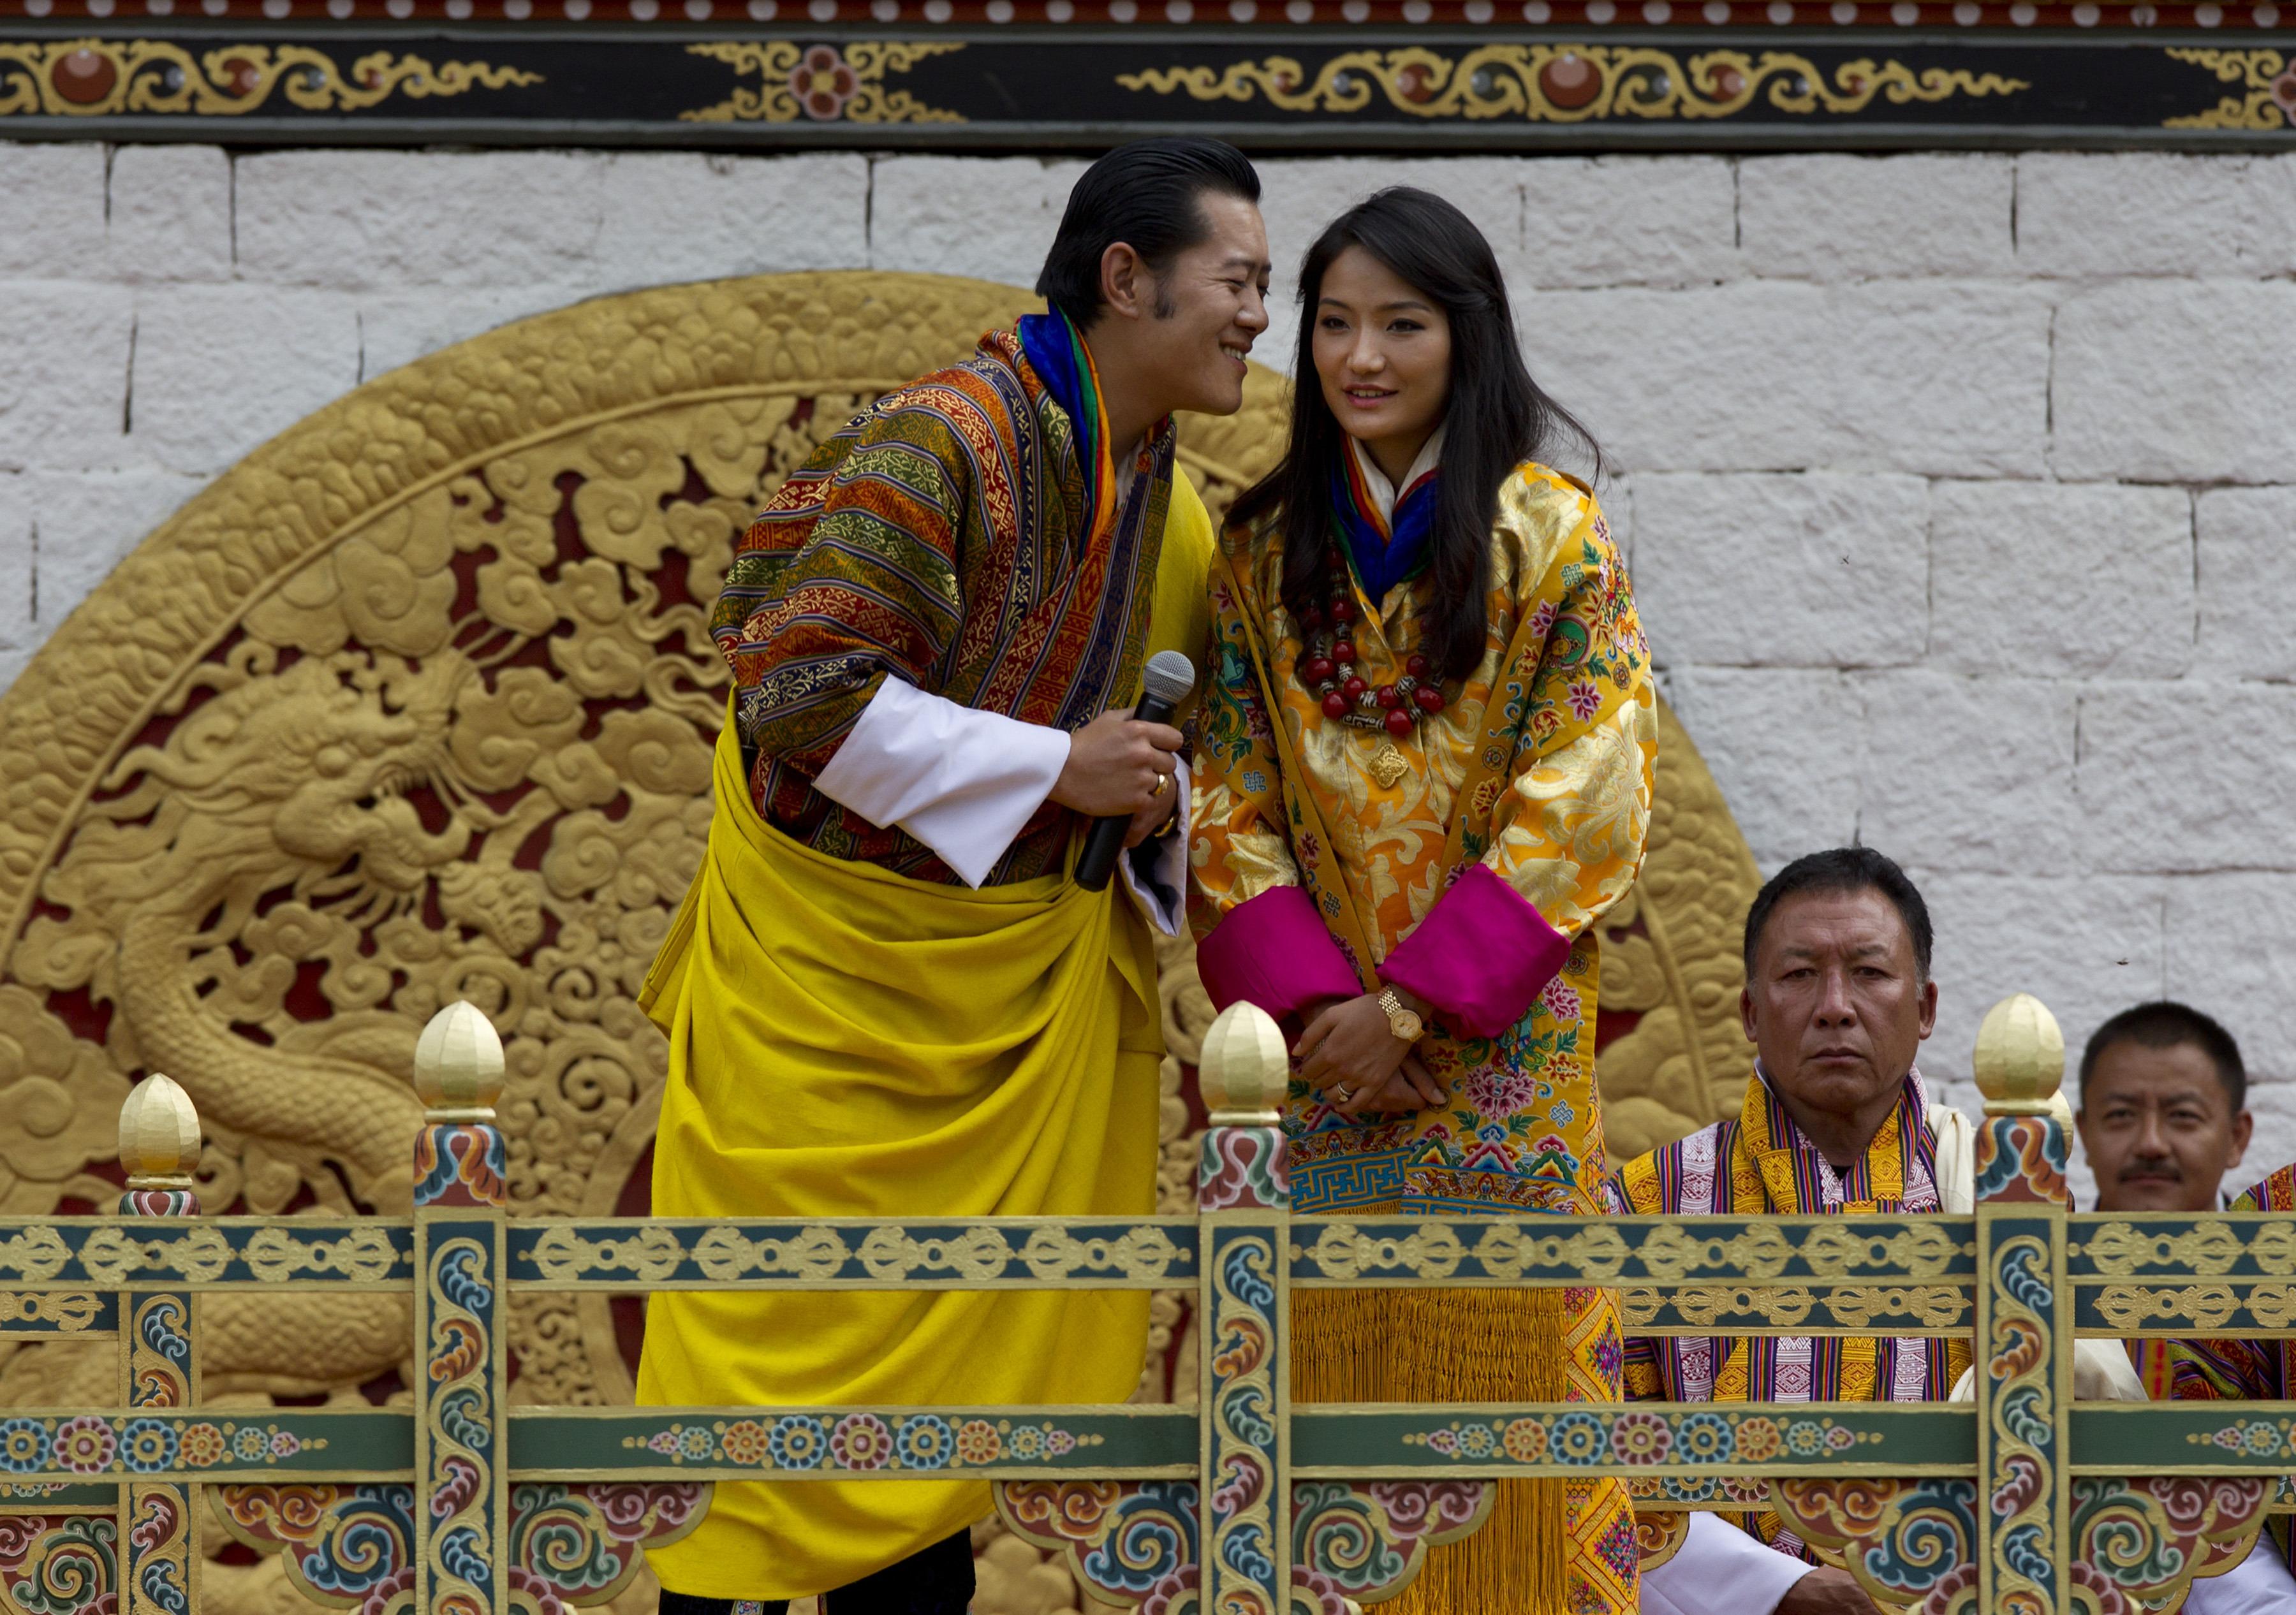 <p><strong>Бутан: крал Джигме Хесар Намгиал Вангчук и кралица Джетсун Пема </strong></p>  <p>През 2011 г. кралят на Бутан се венчава за момиче от народа на скромна церемония в древен манастир от 17 в.</p>